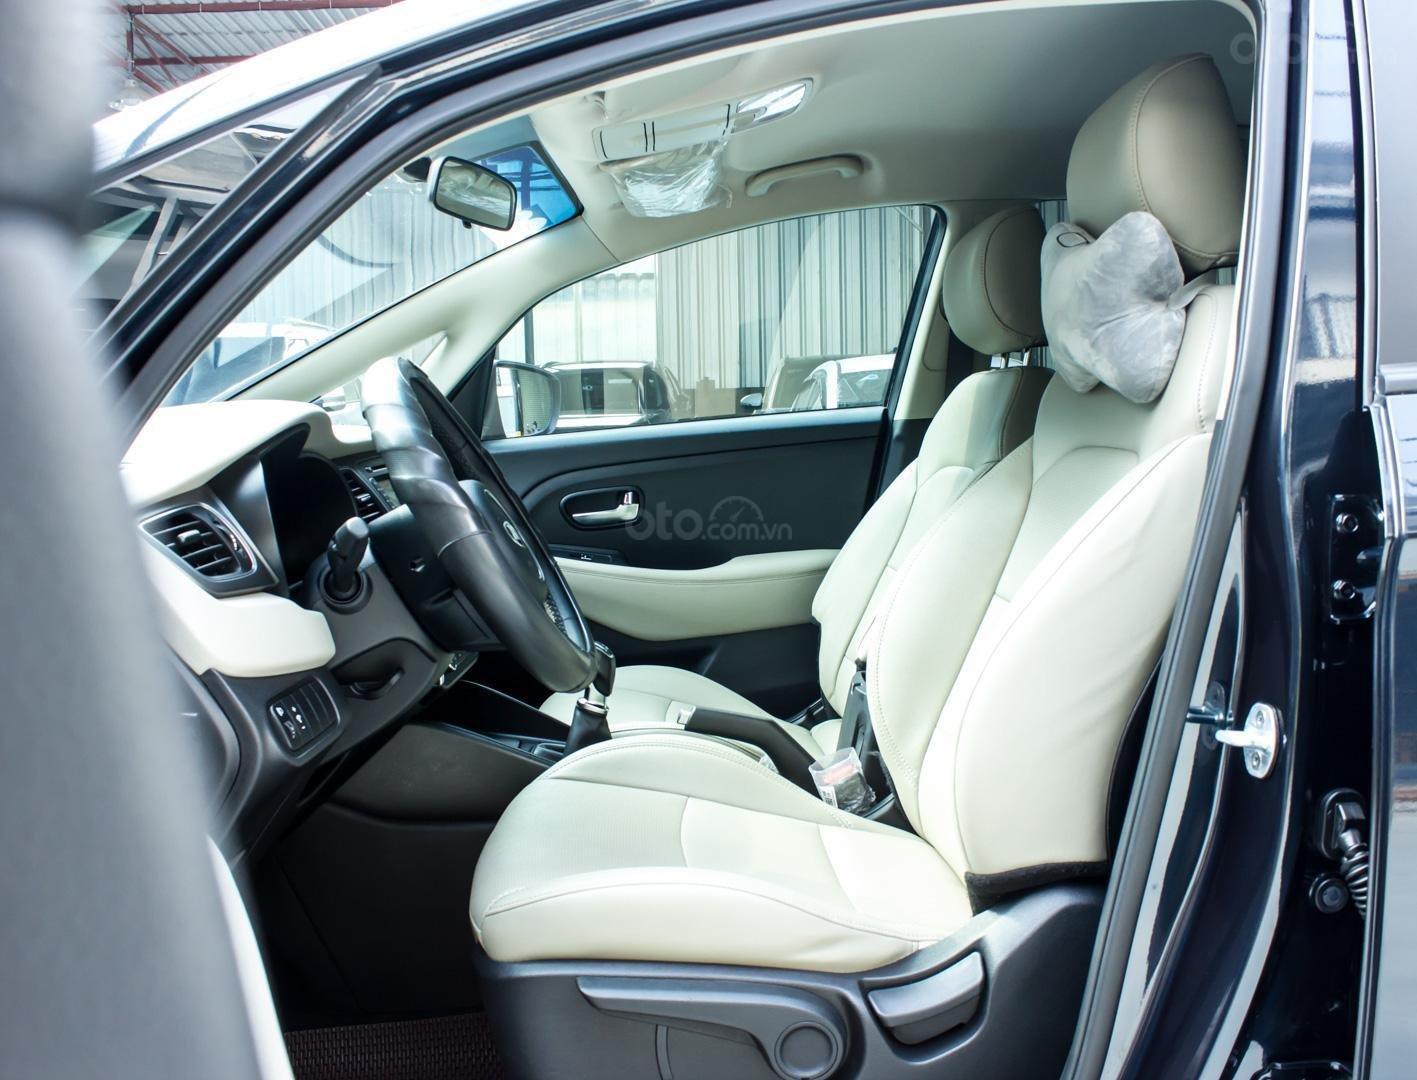 Bán xe Kia Rondo số sàn, màu xanh dương, một chủ cực đẹp mới như xe hãng (4)